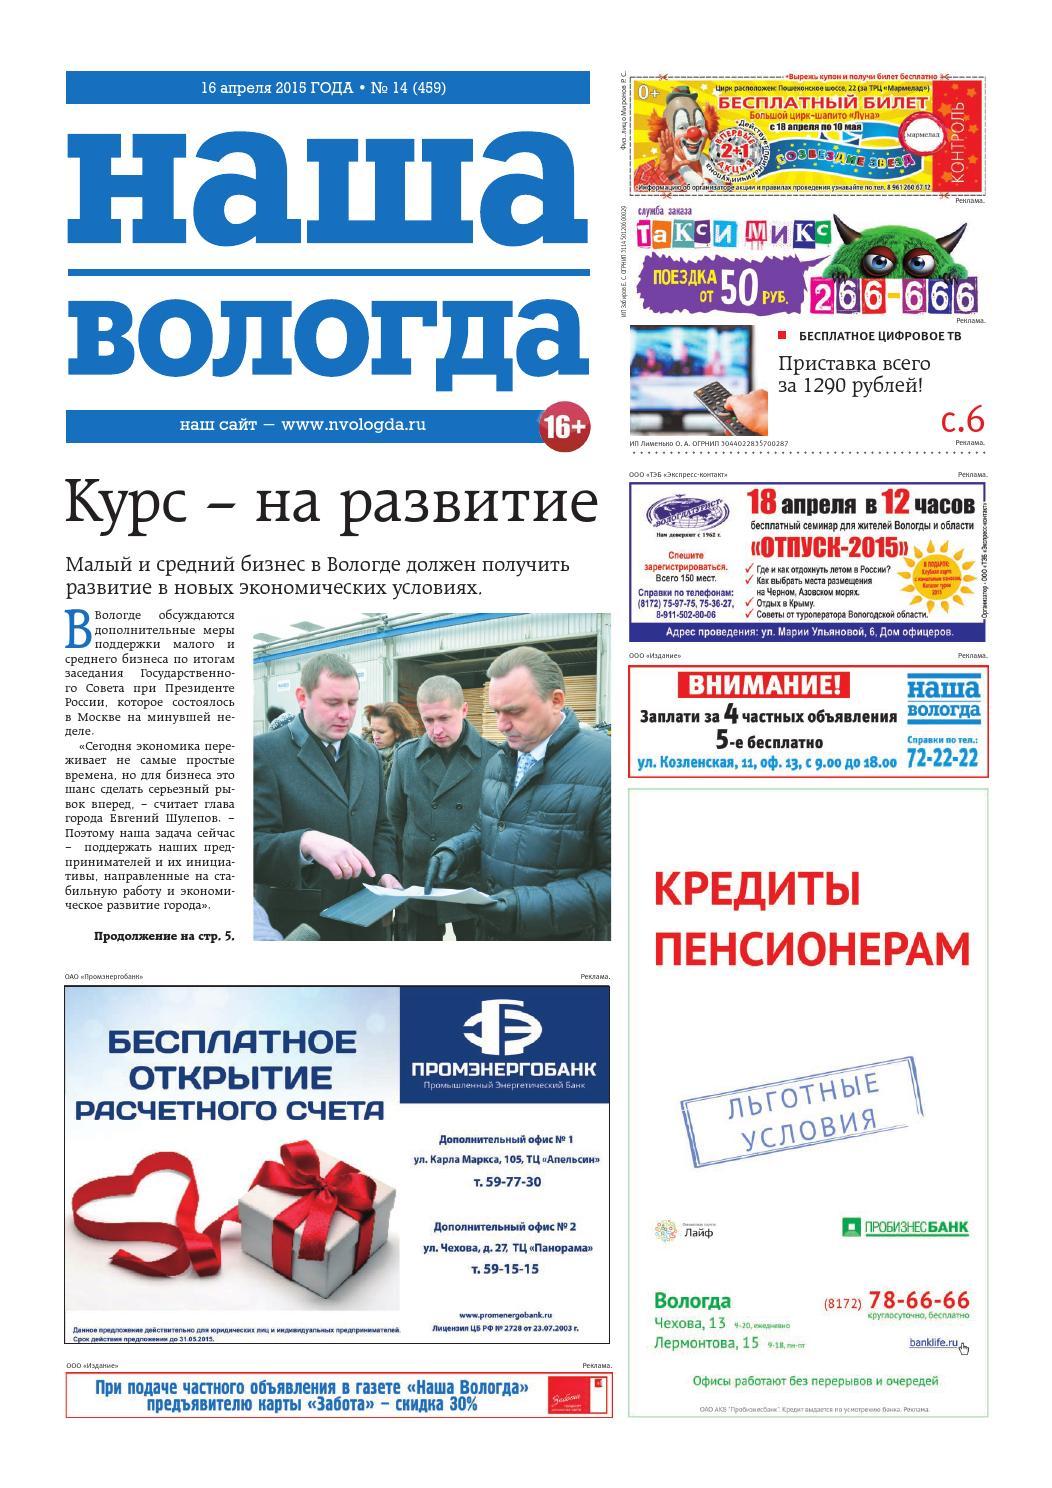 микрозаймы вологда адреса кредит 12000000 рублей